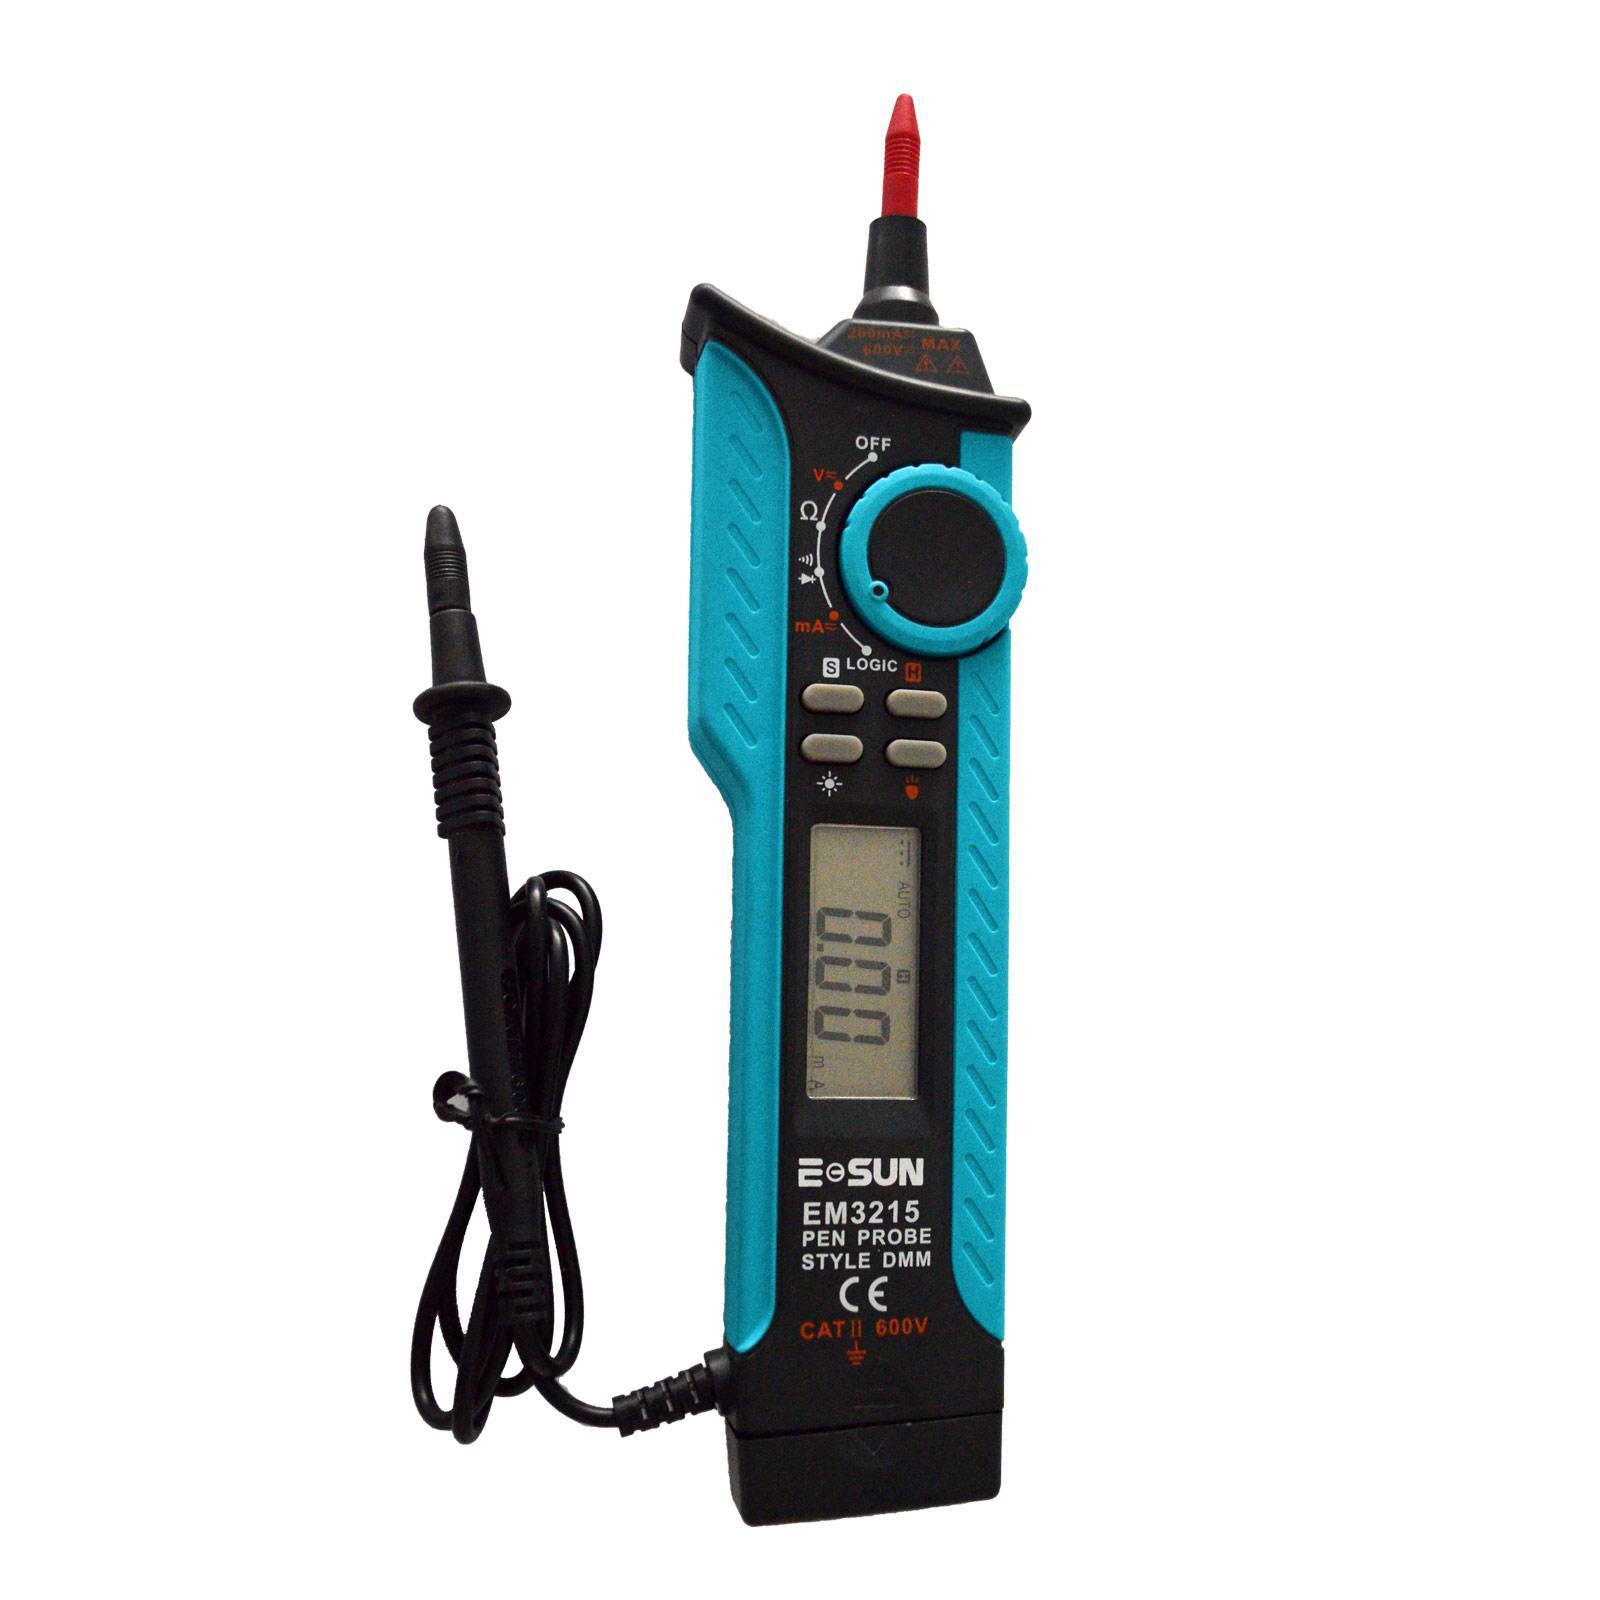 디지털 멀티 미터 CAT II 250V DMM 펜 타입 최대 자동 범위 TTL 로직 레벨 미터 민감한 전기 시험의 모든 일 EM3215